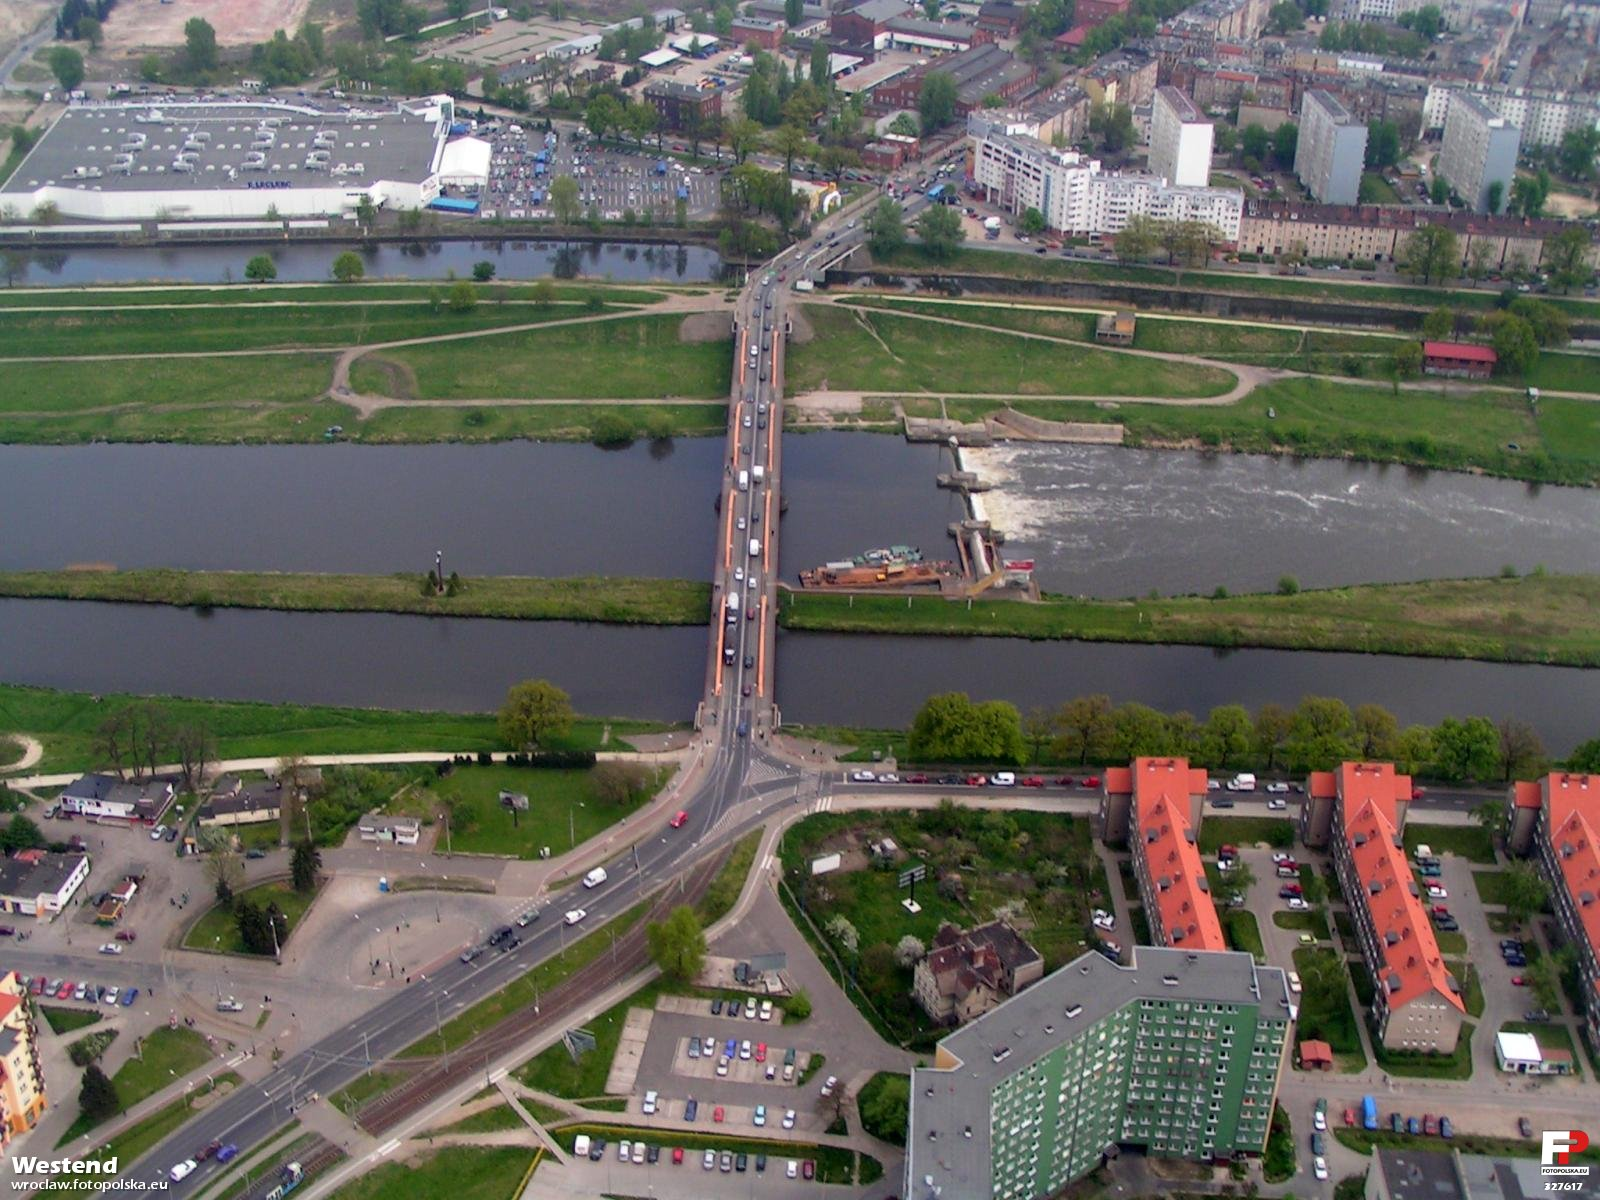 Mosty_Trzebnickie_327617_Fotopolska-Eu